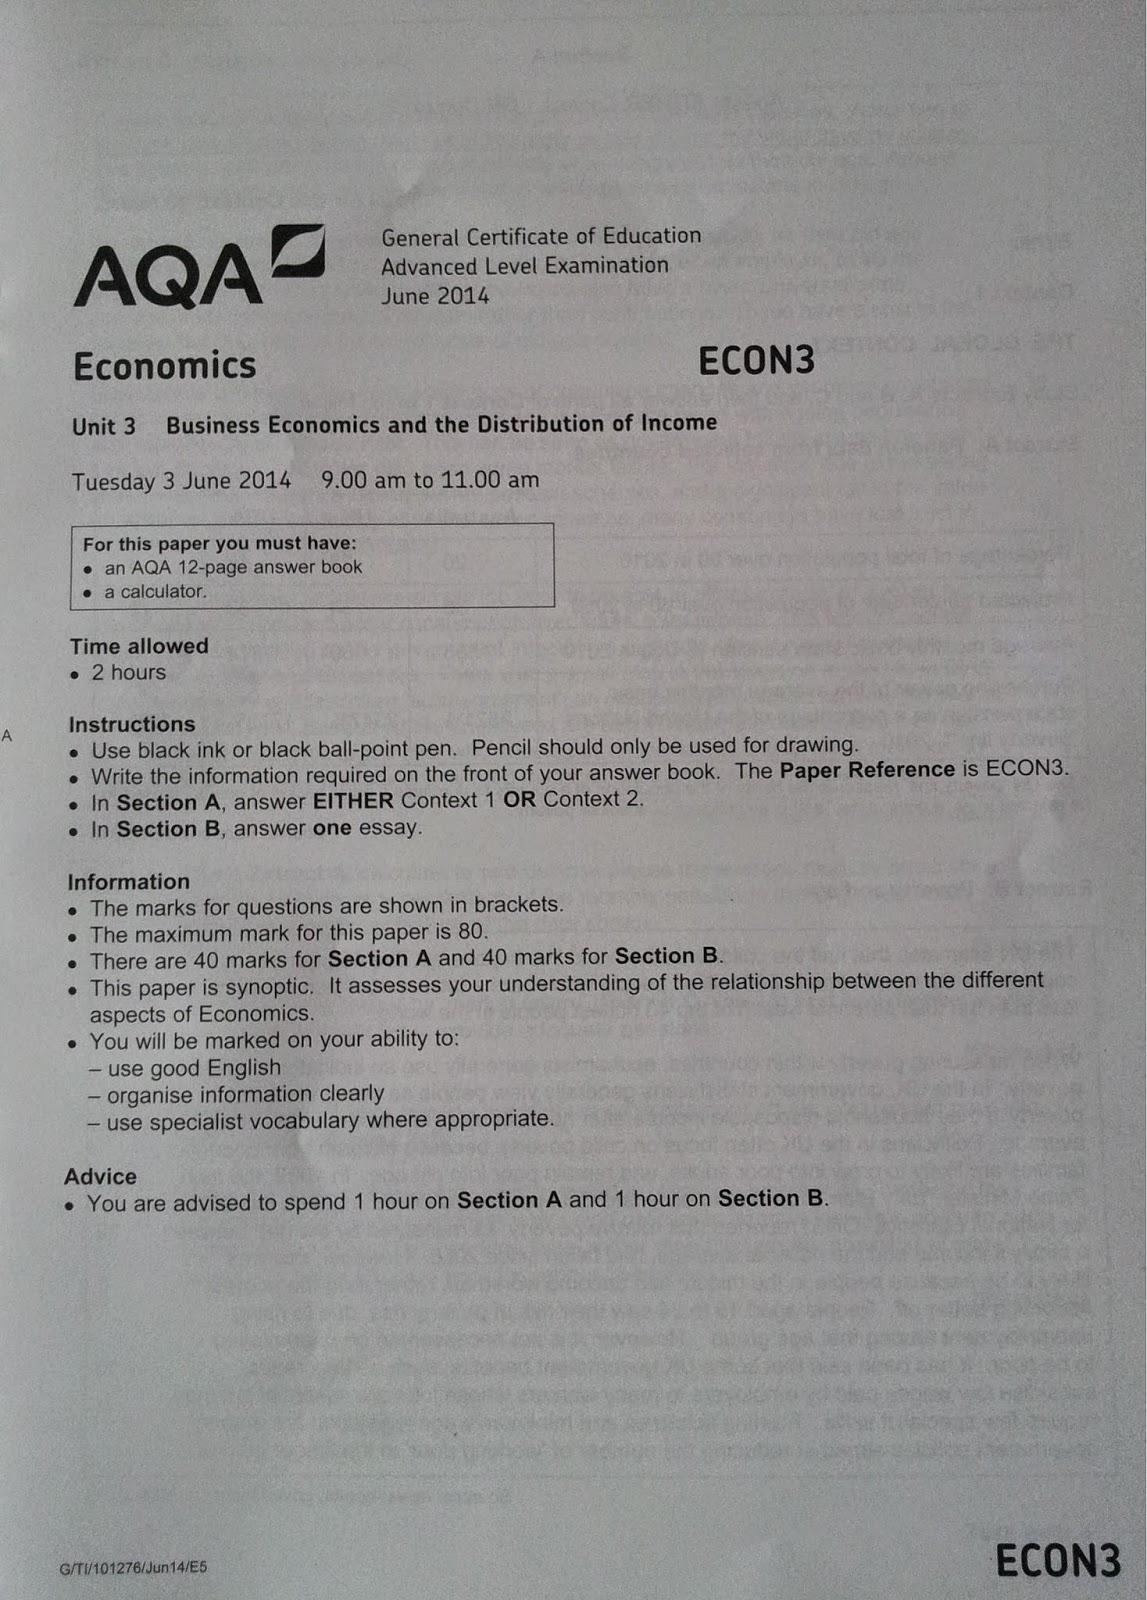 AQA Eon3 exam paper june 2014